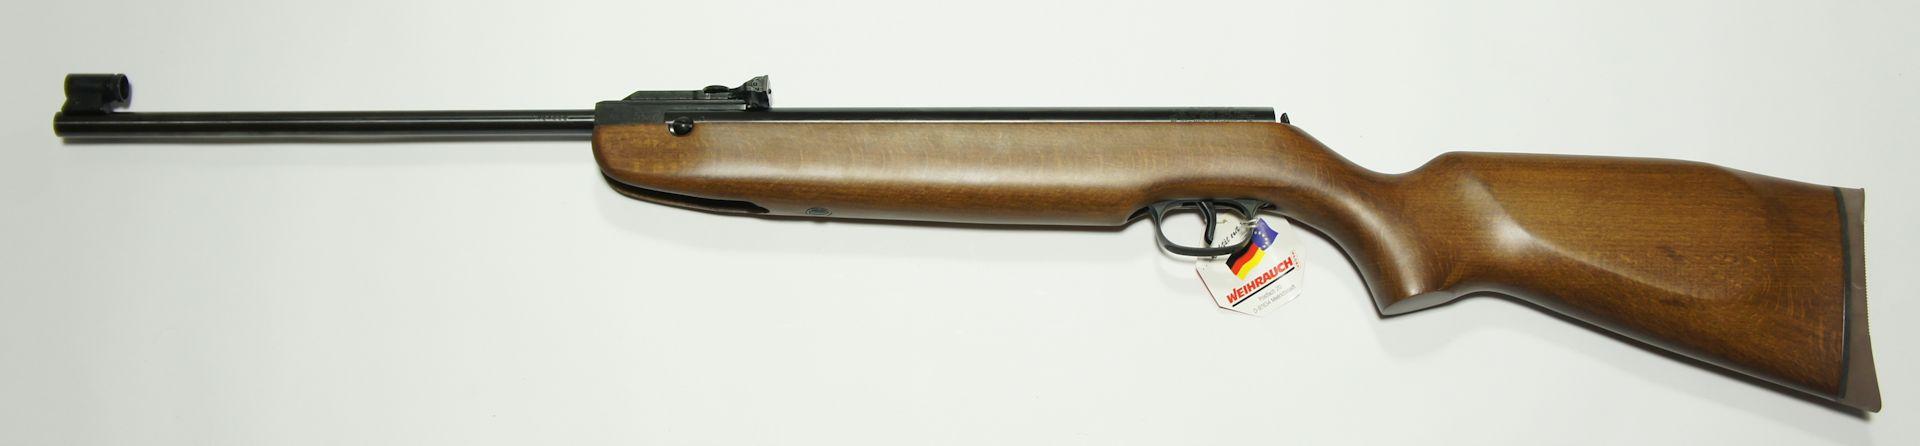 Weihrauch Luftgewehr HW 50 S